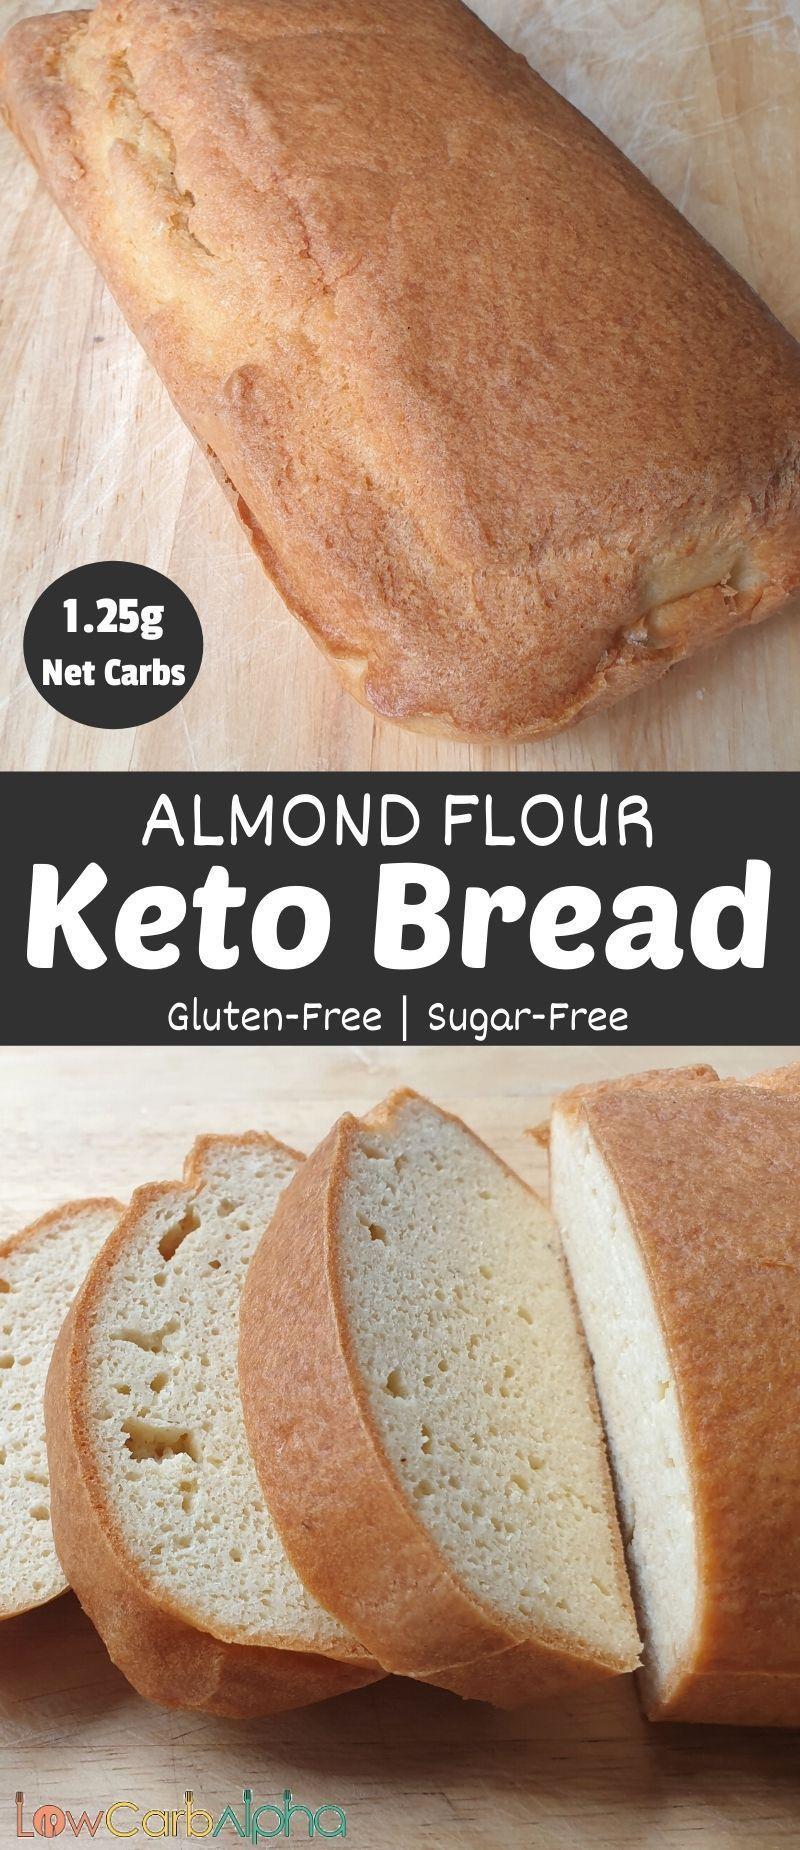 Keto Almond Flour Bread Low Carb Alpha Recipe In 2020 Tasty Bread Recipe Recipes Delicious Bread